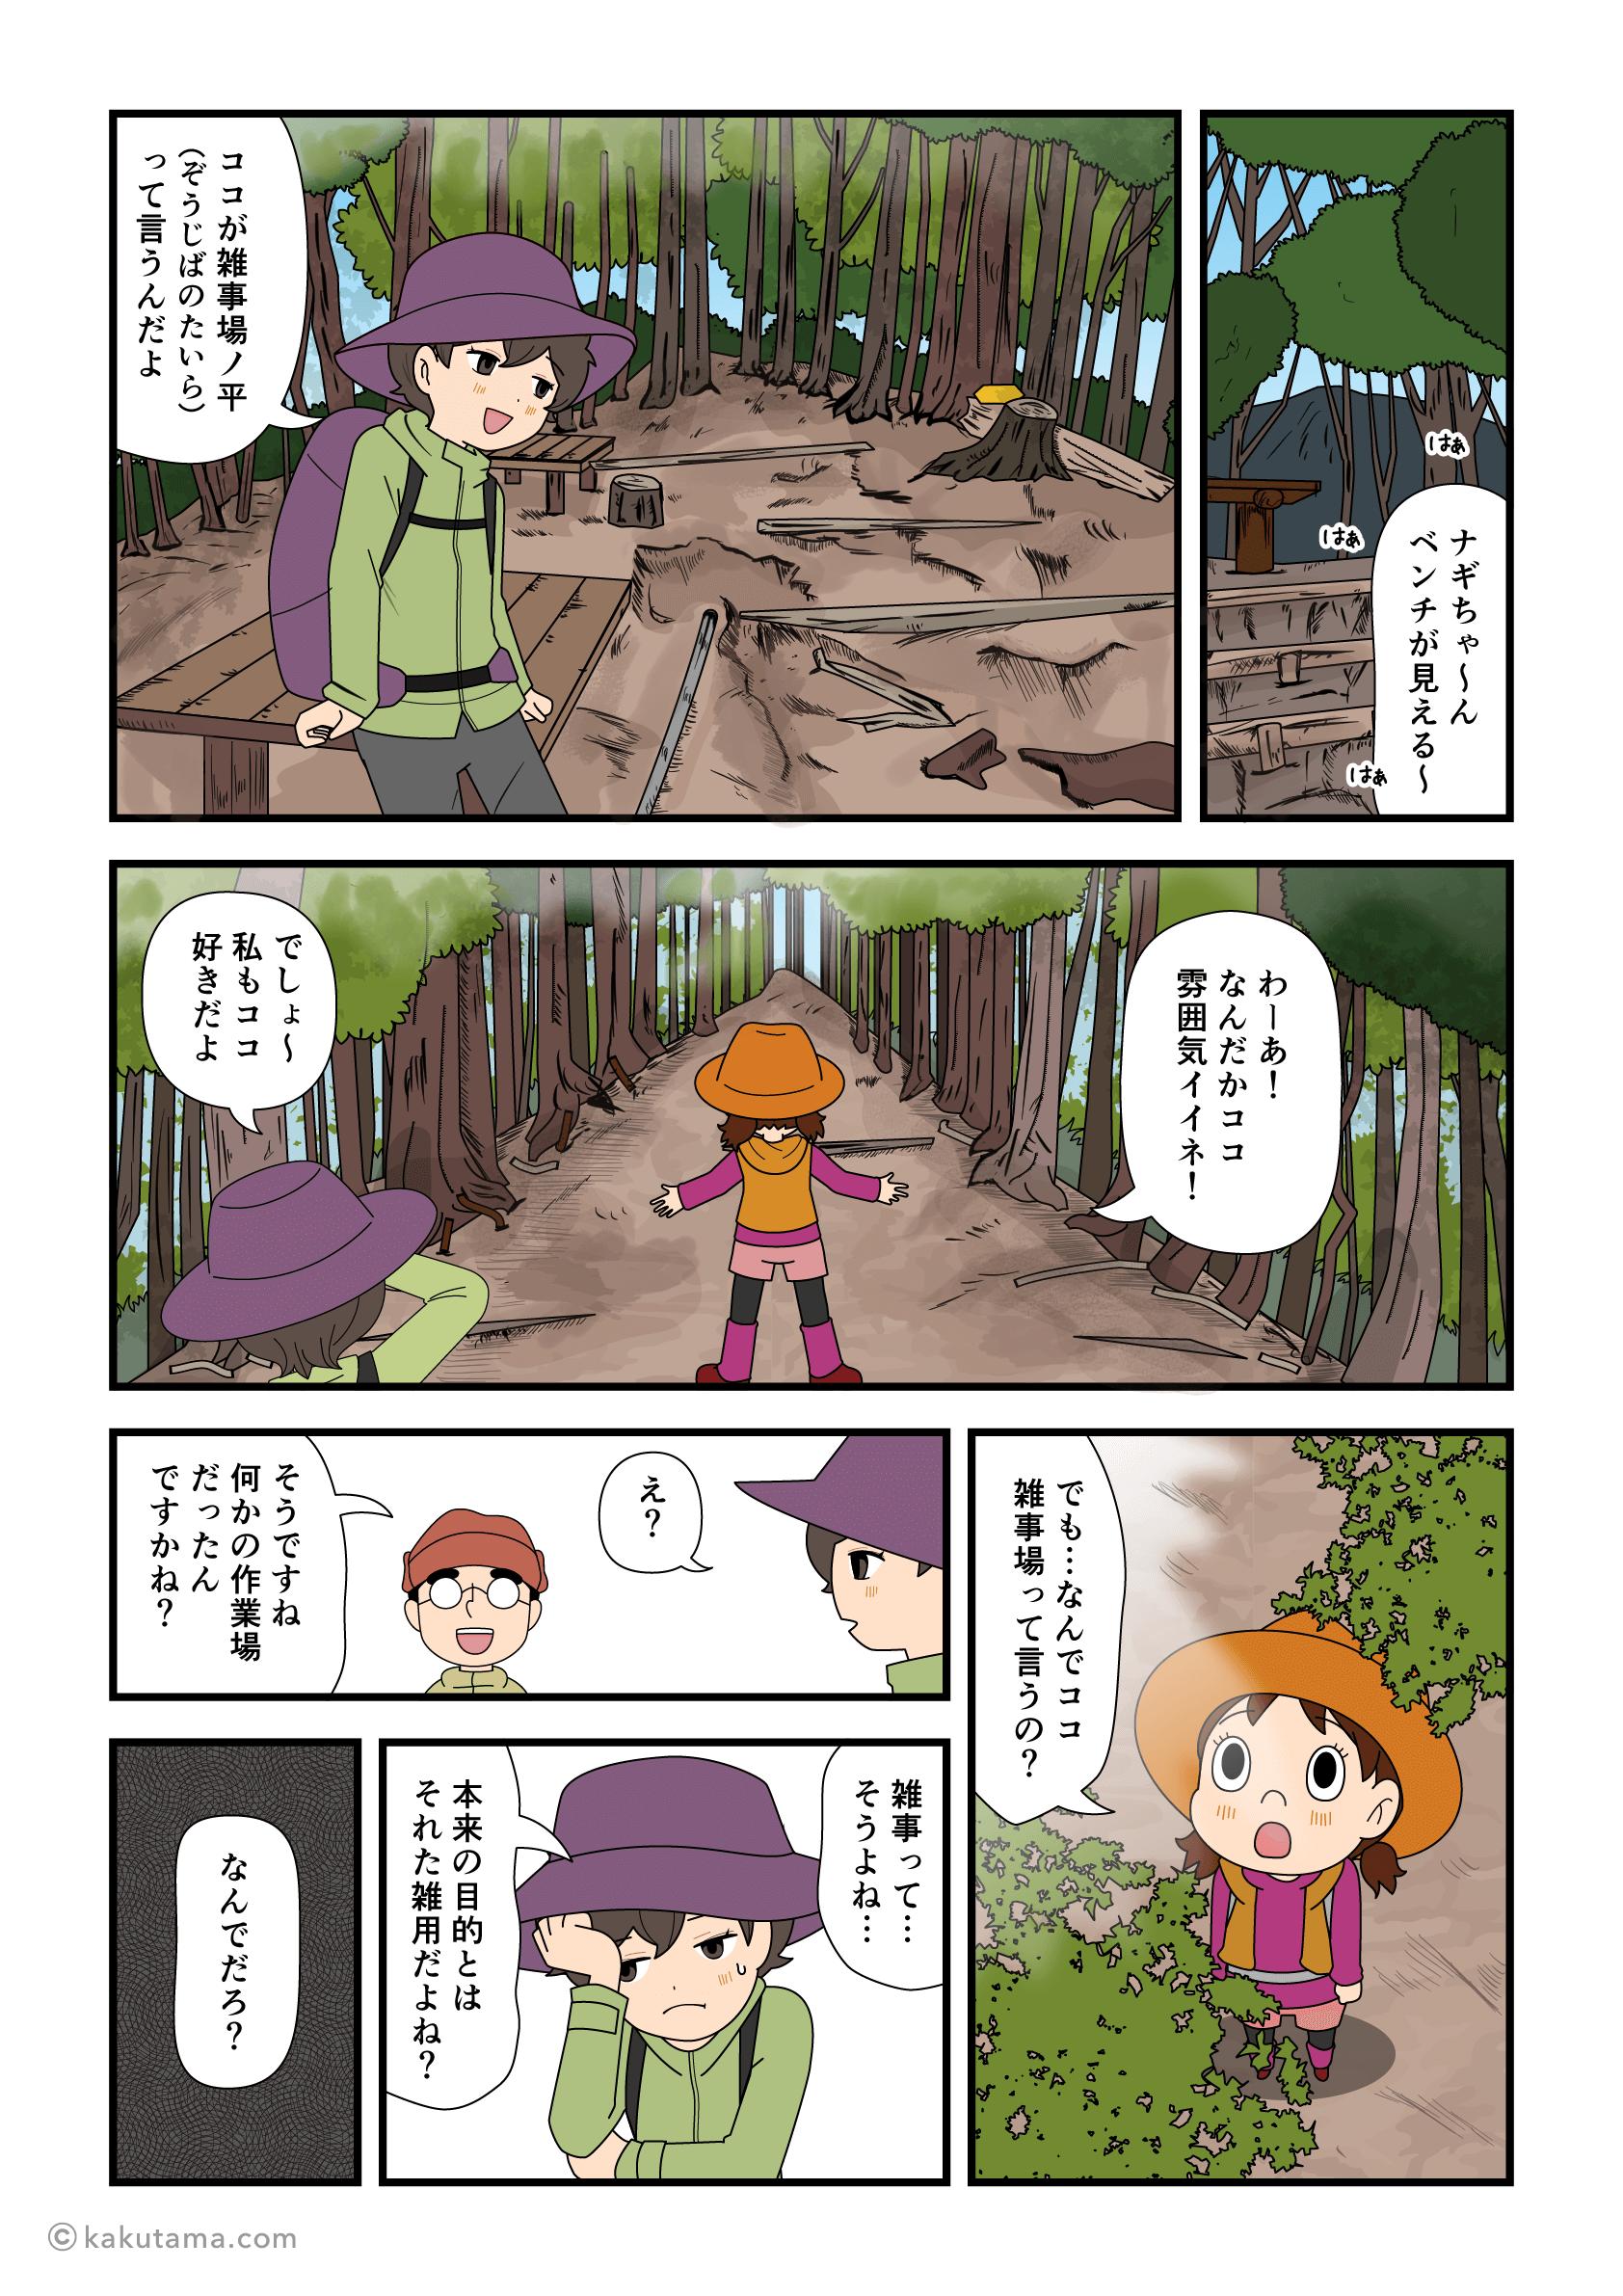 大倉尾根の雑事場ノ平についたマンガ